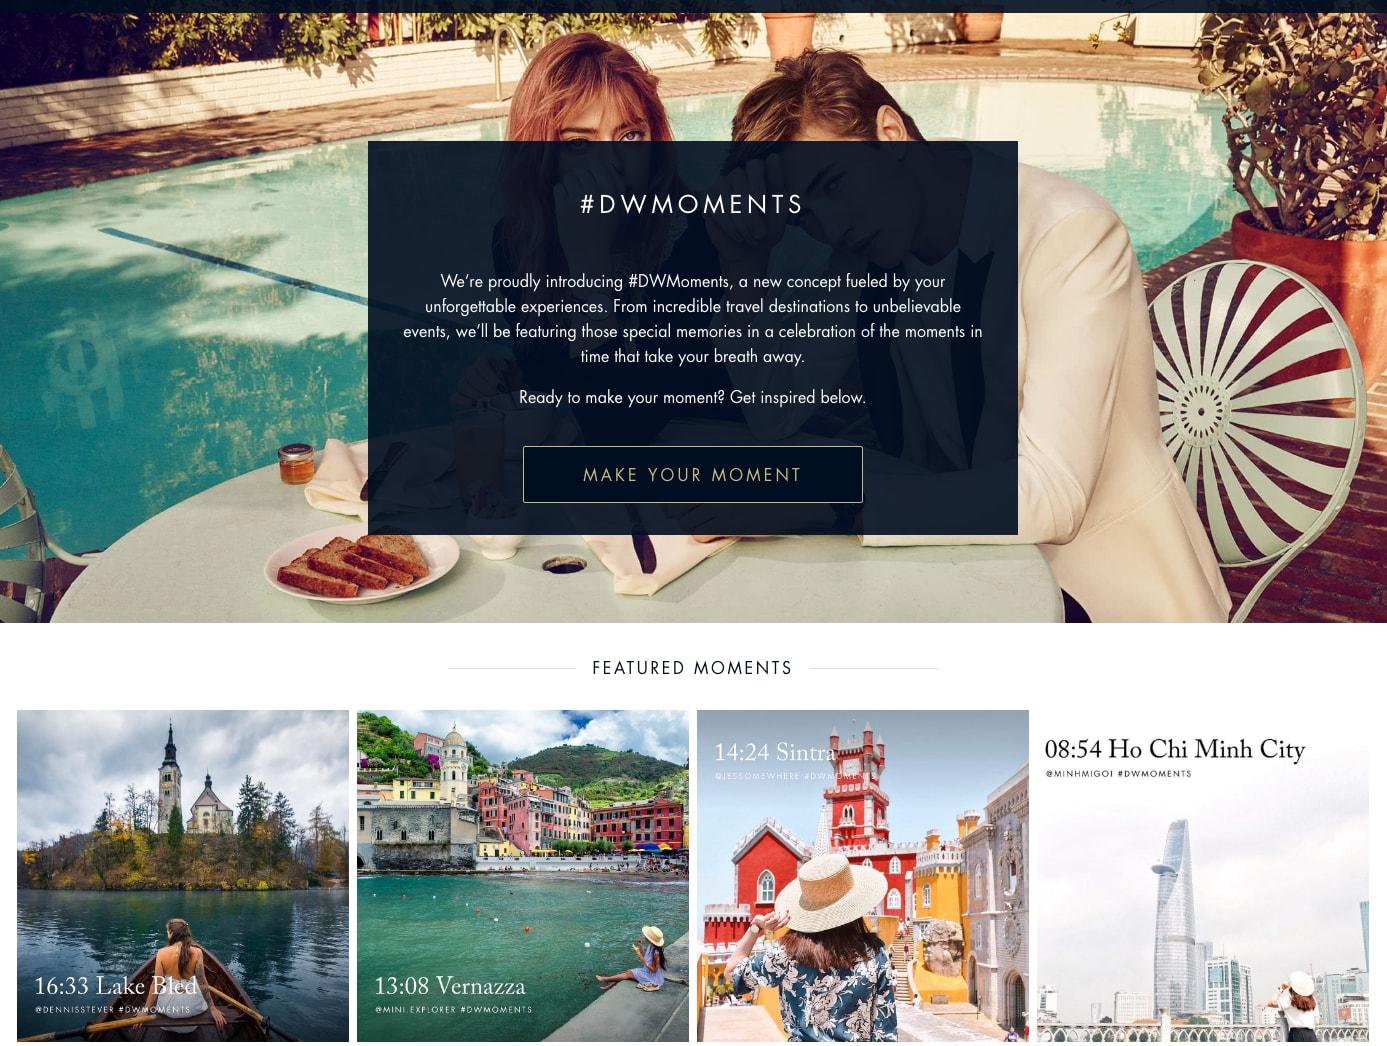 Influencer Marketing DWMoments